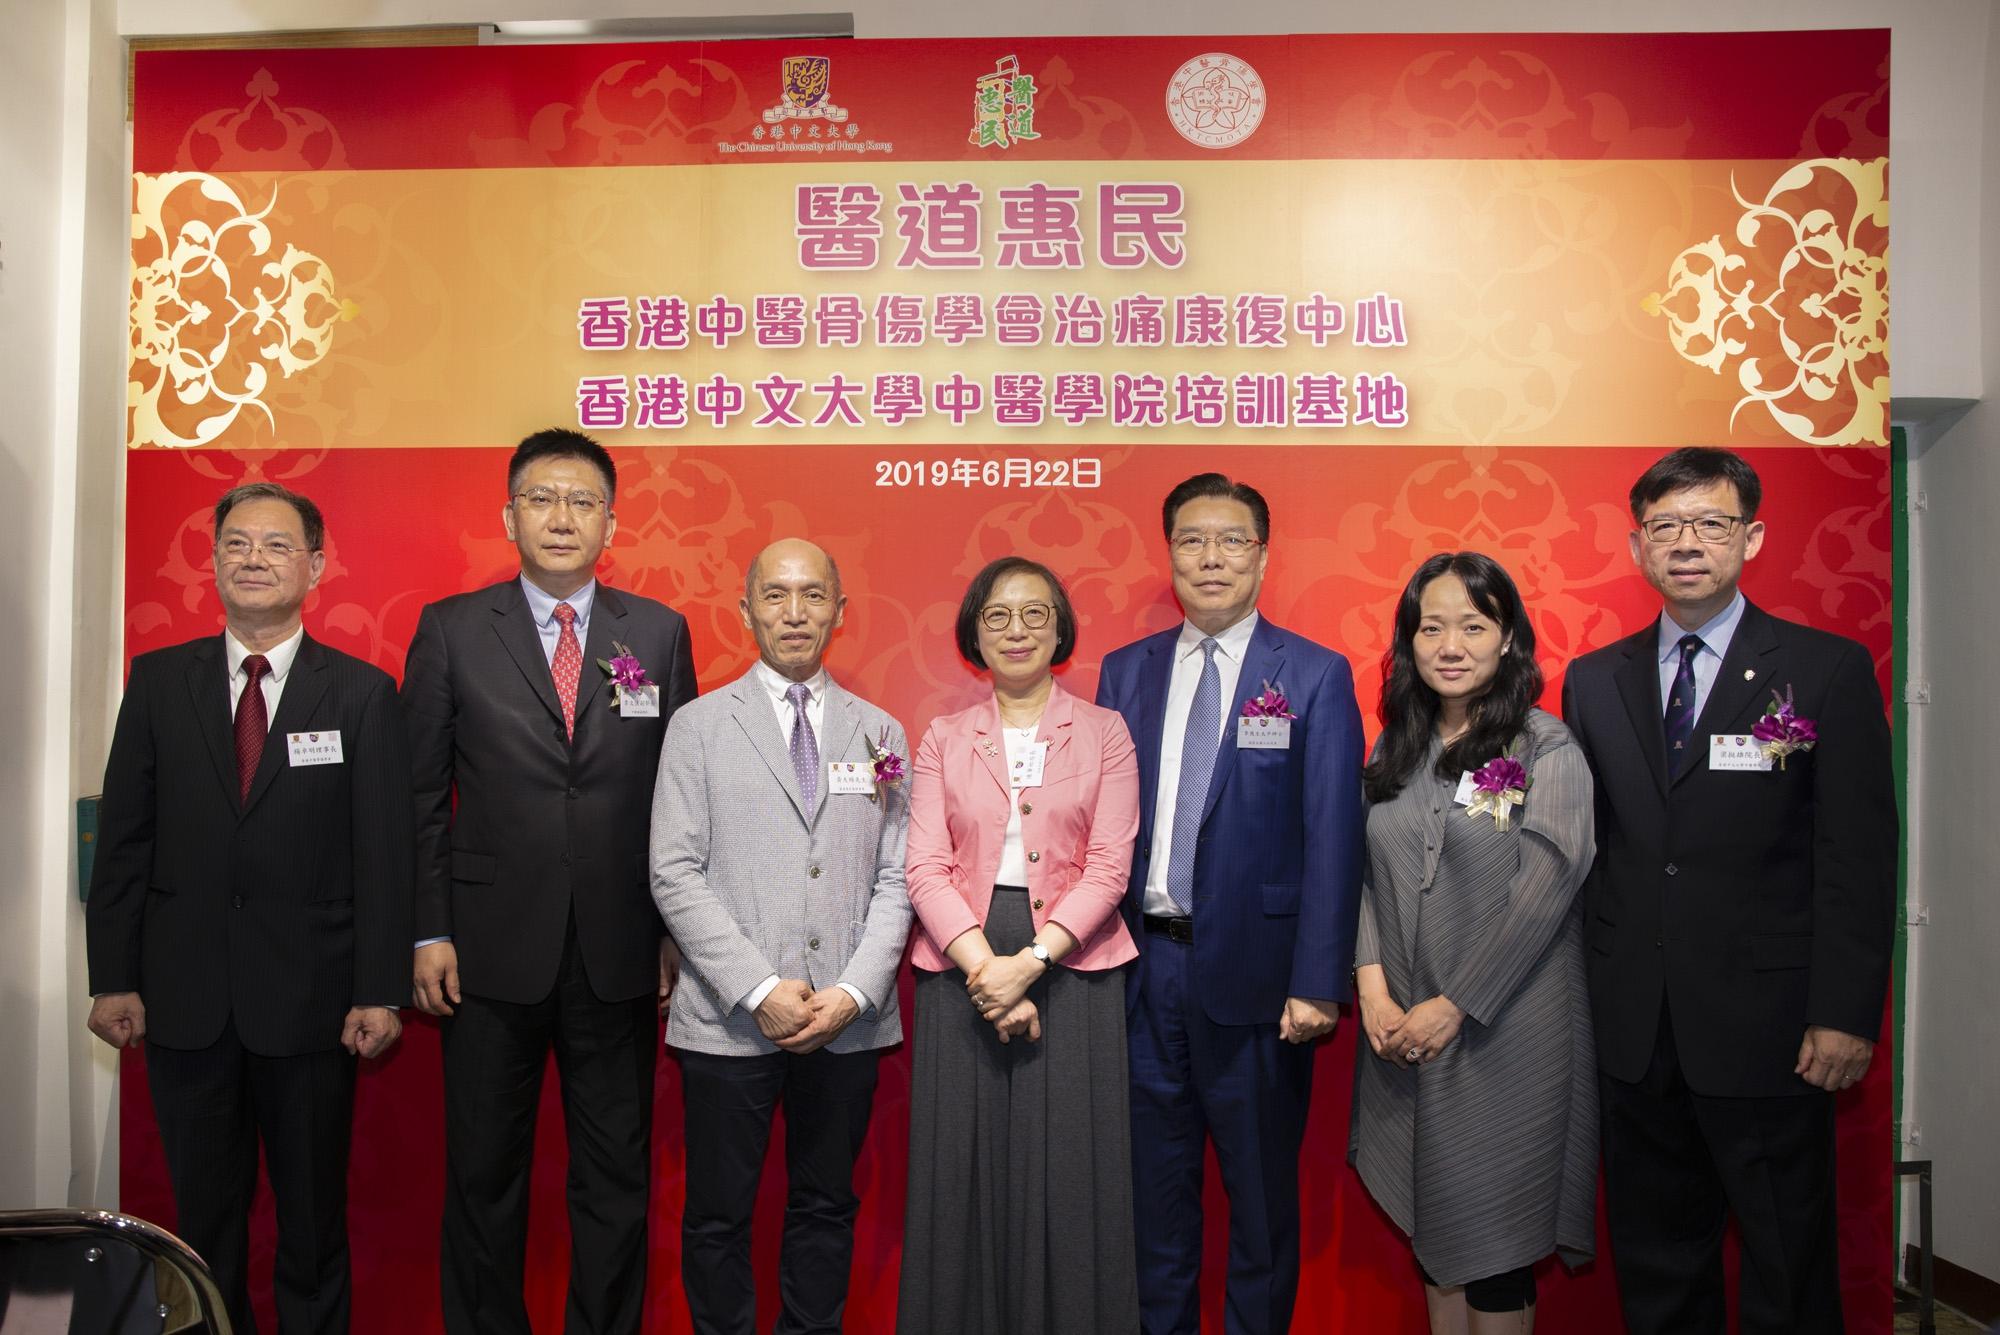 各嘉賓一同見證「醫道惠民醫館」正式成立。